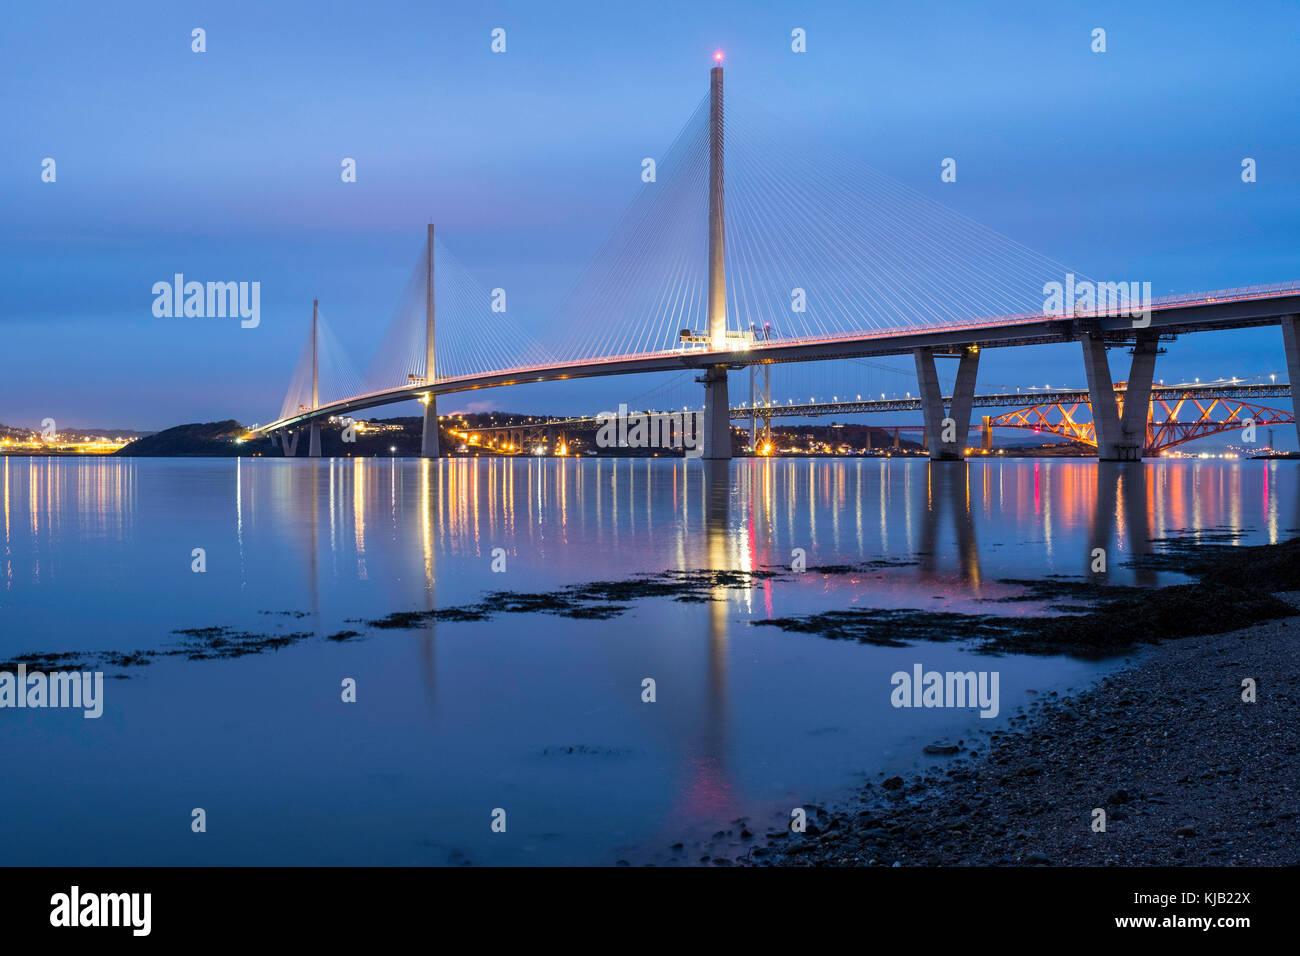 Vista notturna di nuovo queensferry attraversando ponte che attraversa il fiume Forth in Scozia, Regno Unito Immagini Stock